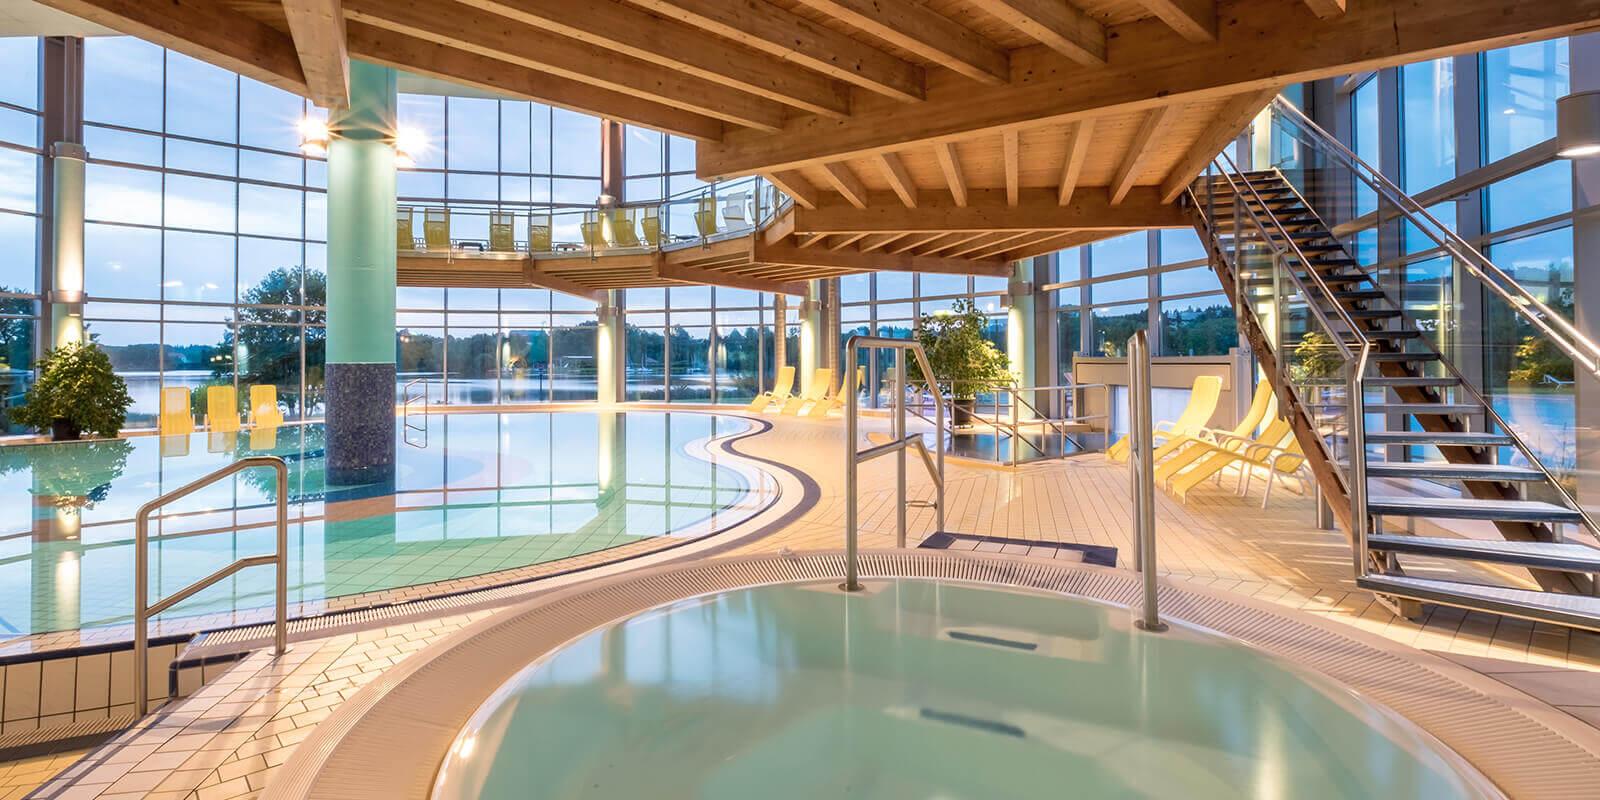 Badelandschaft mit Schwimmbecken, Whirlpool und Sonnengalerie